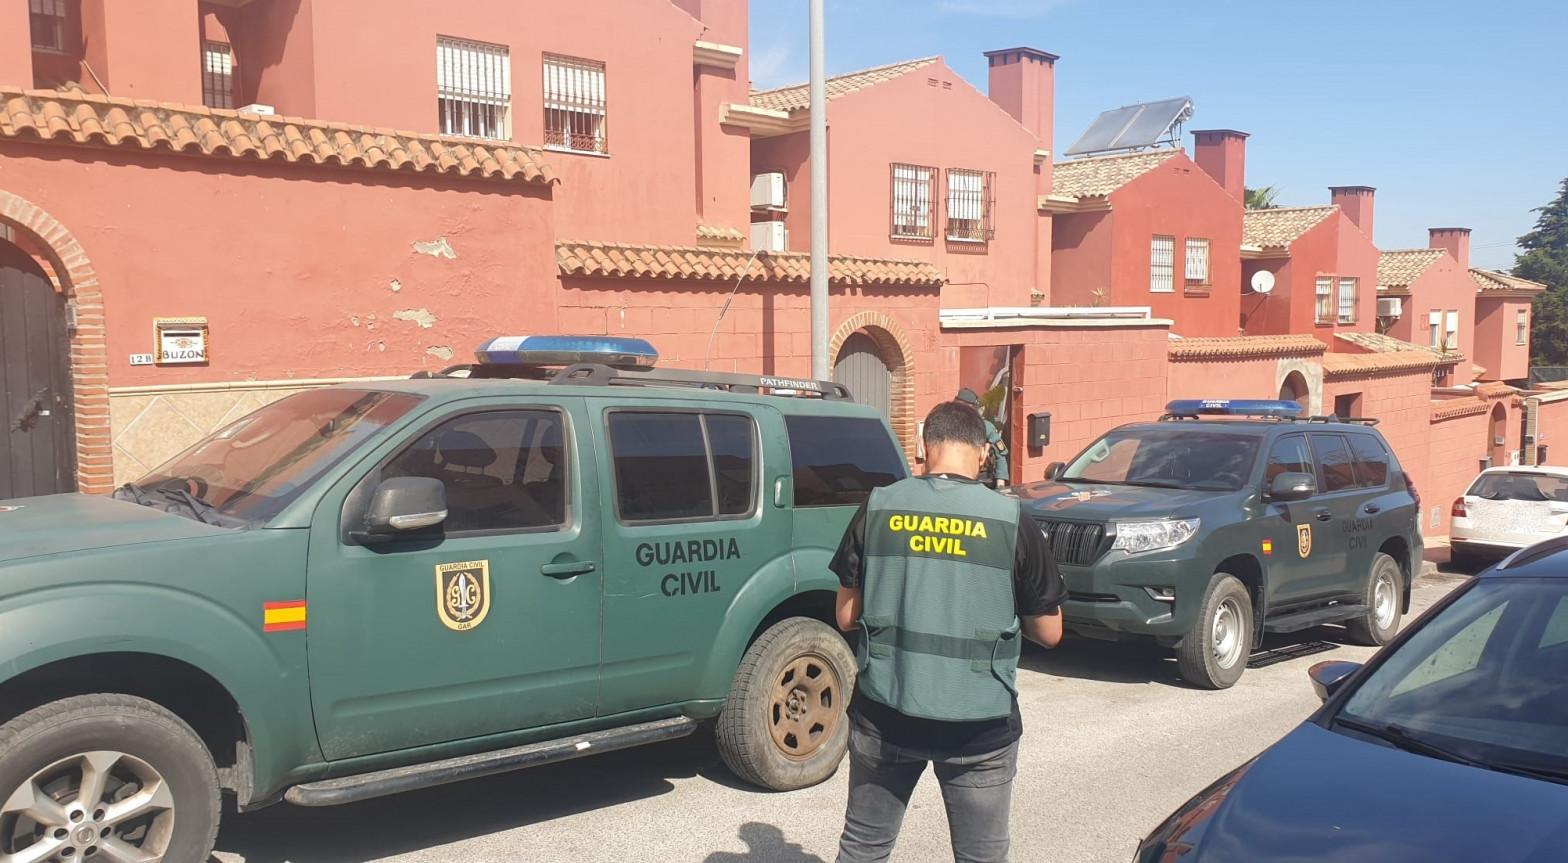 Un juzgado investiga una red de guardias civiles por su actuación contra bandas de narcos